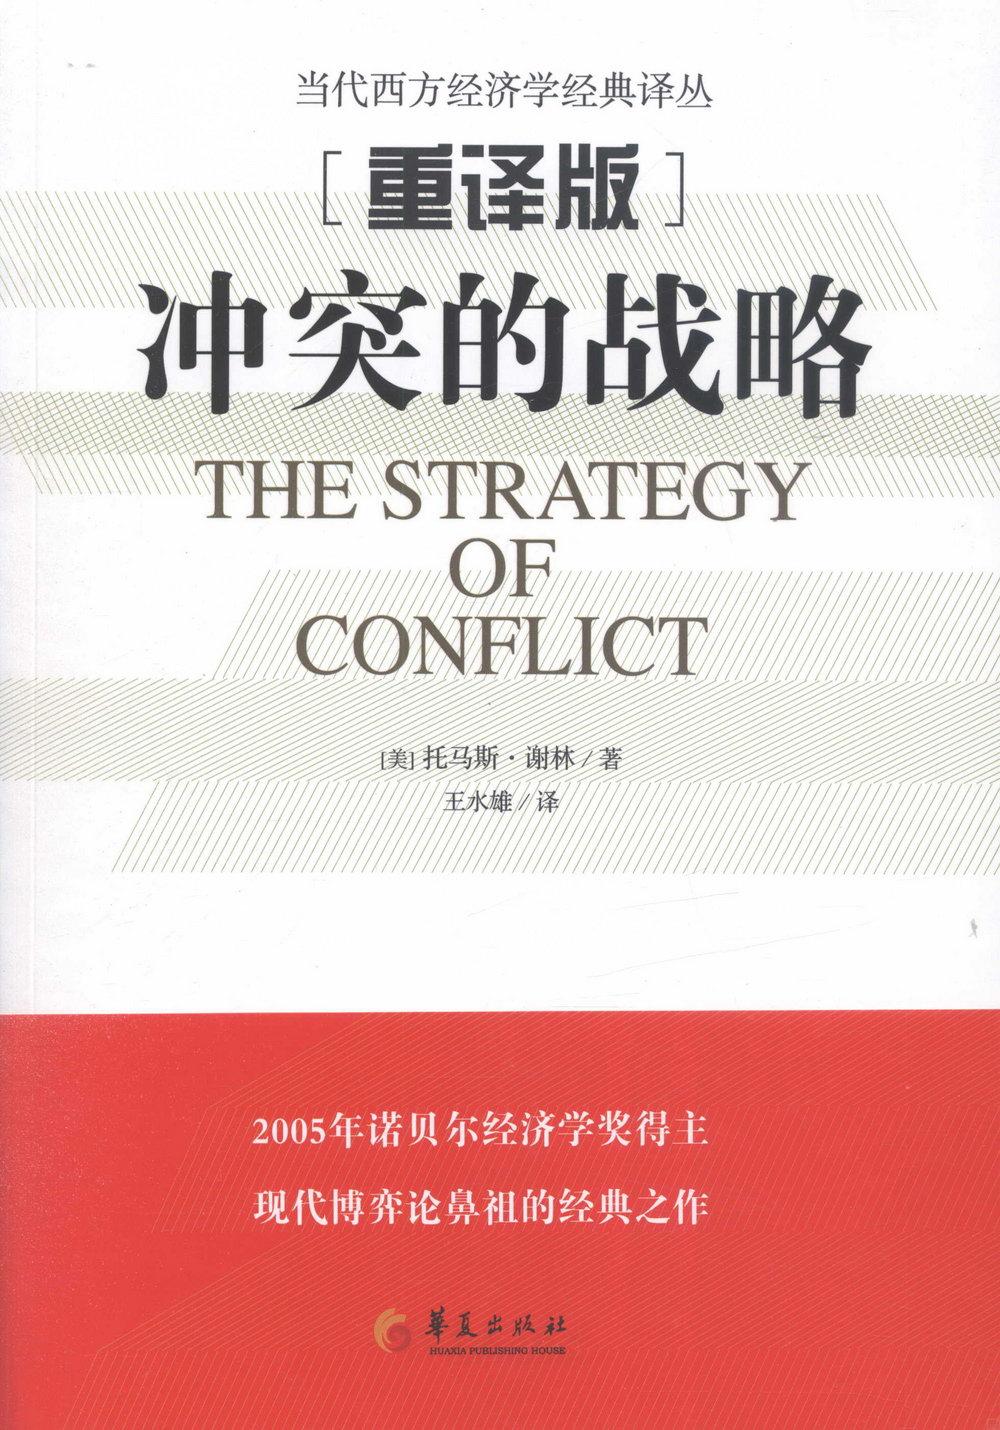 衝突的戰略(重譯版)